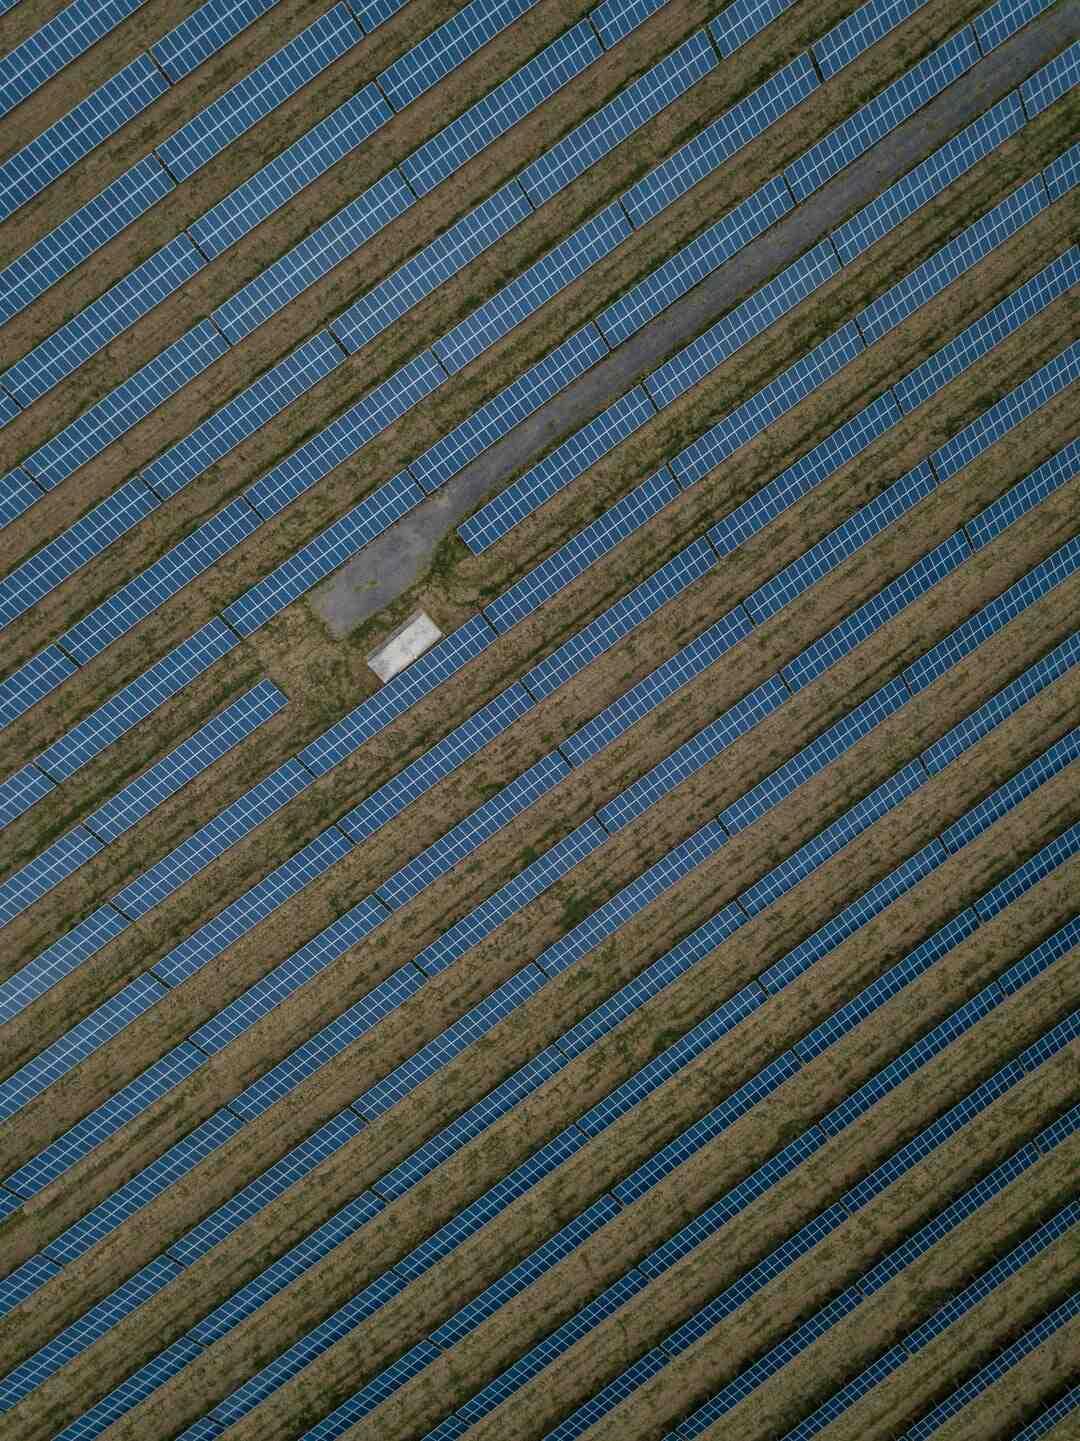 Quelles sont les conditions optimales de fonctionnement d'un capteur photovoltaïque ?